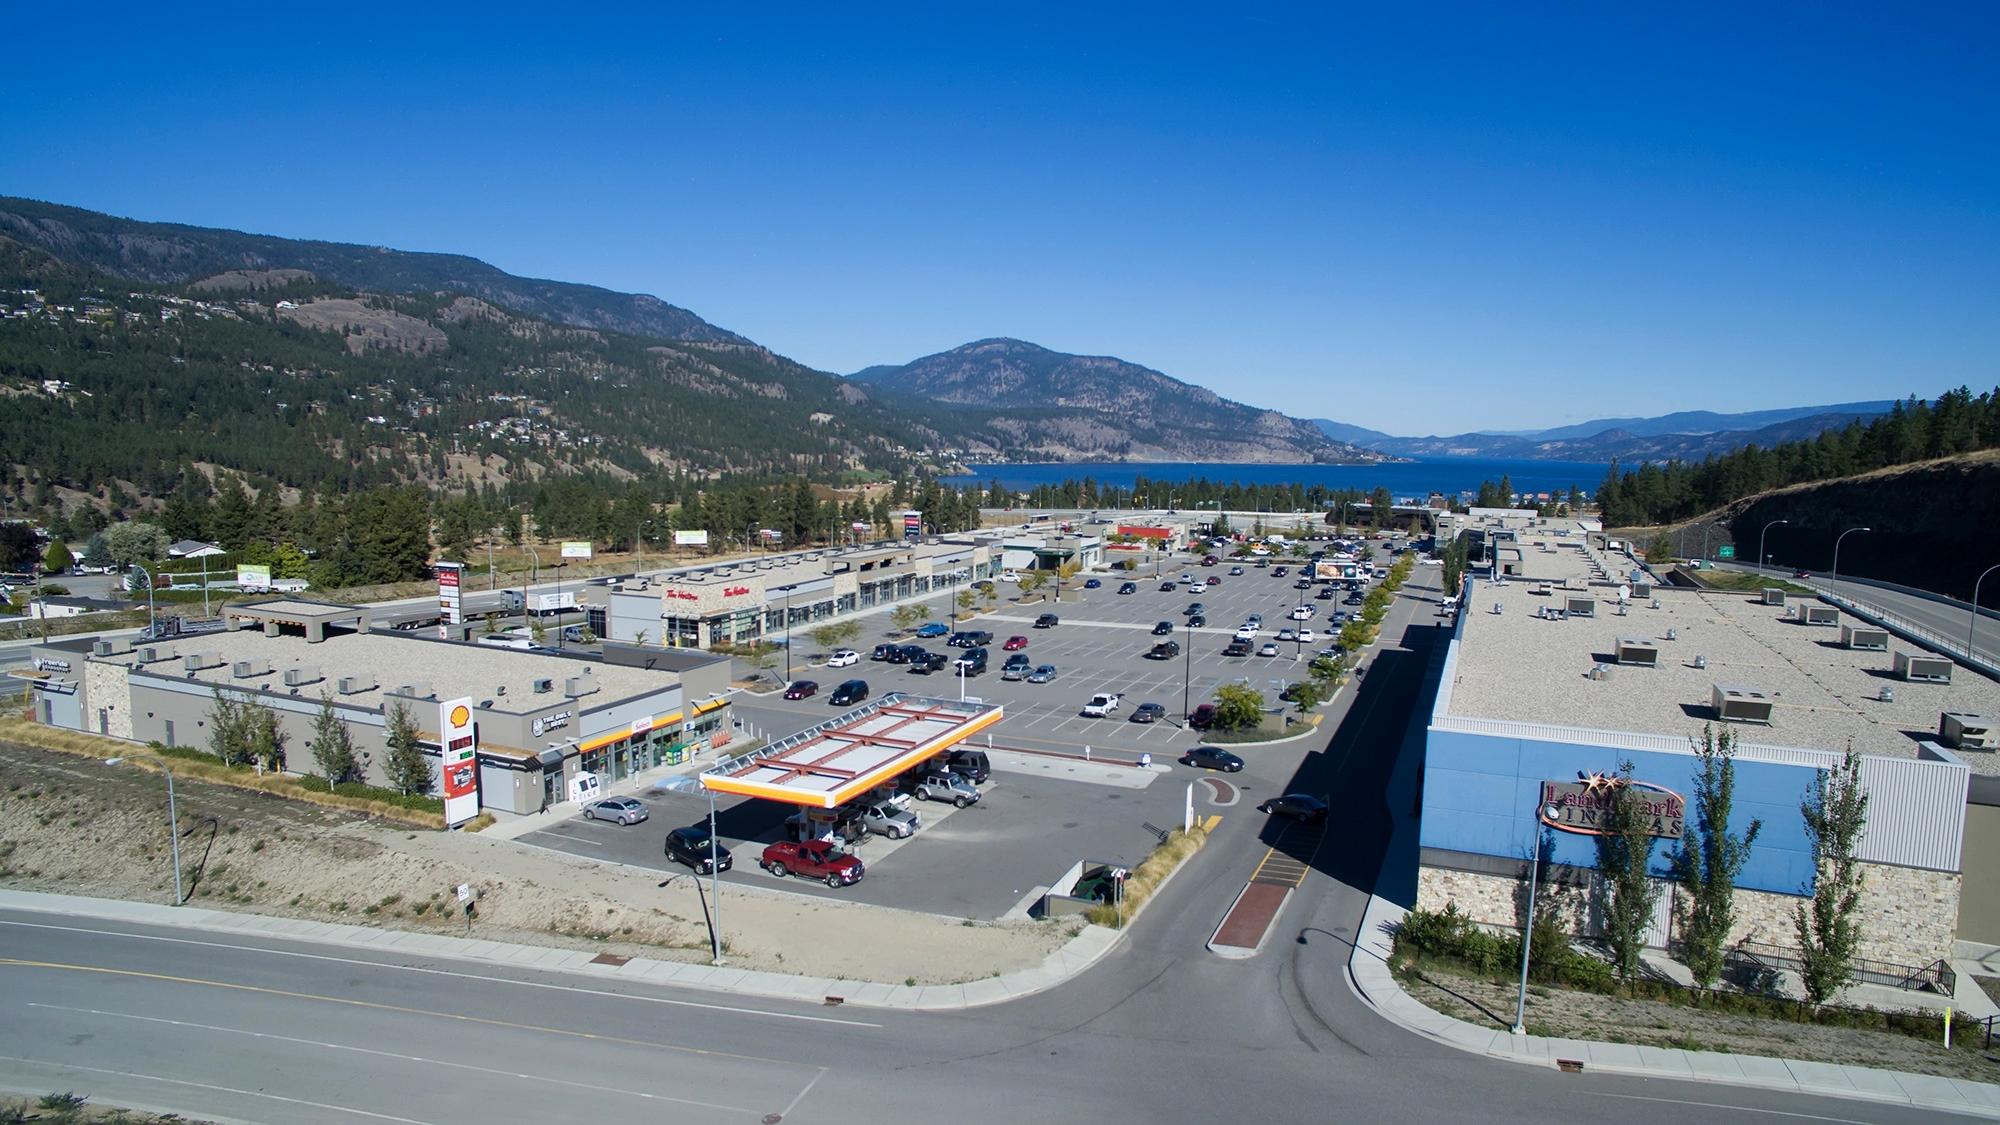 Okanagan Lake Shopping Ctr